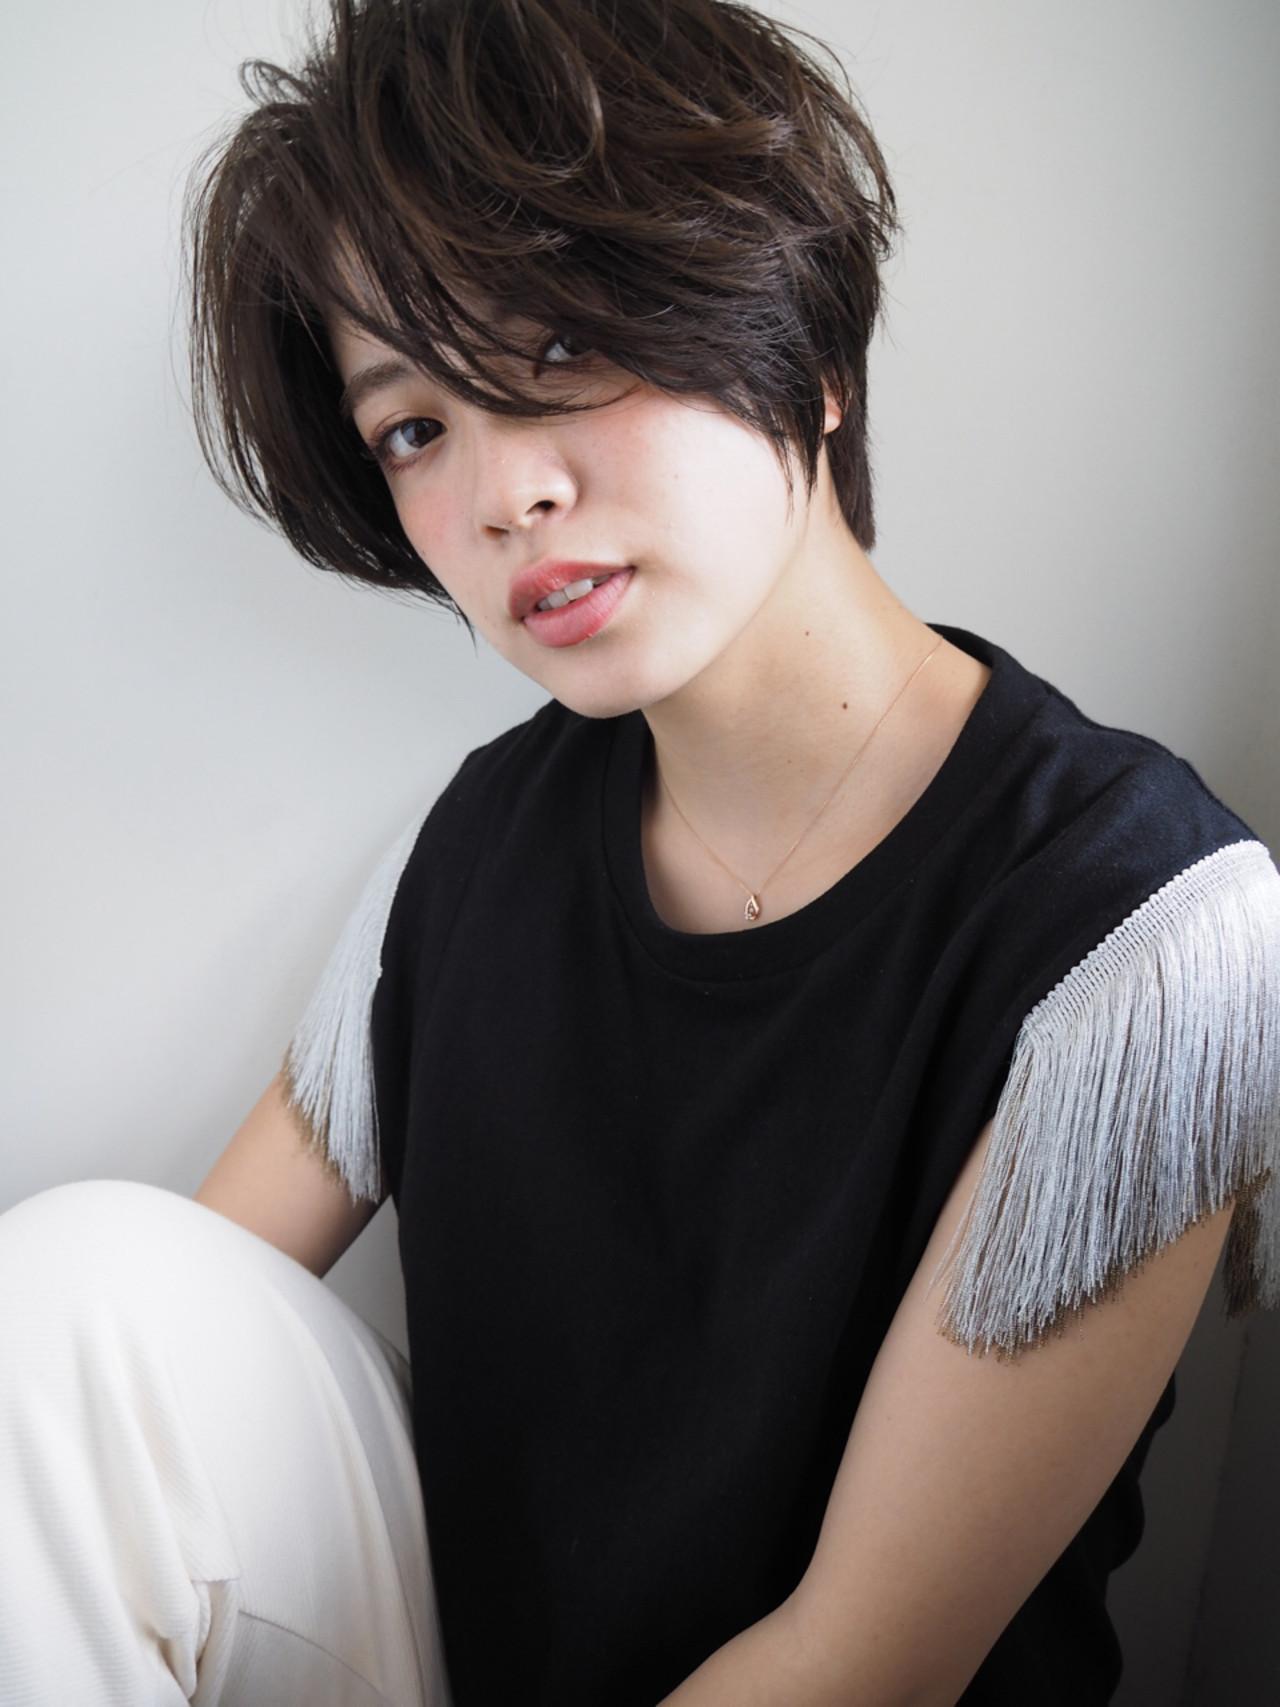 2017年も人気続行!ショートの髪色はアッシュカラーで抜け感を狙おう Keiichi Suzuki